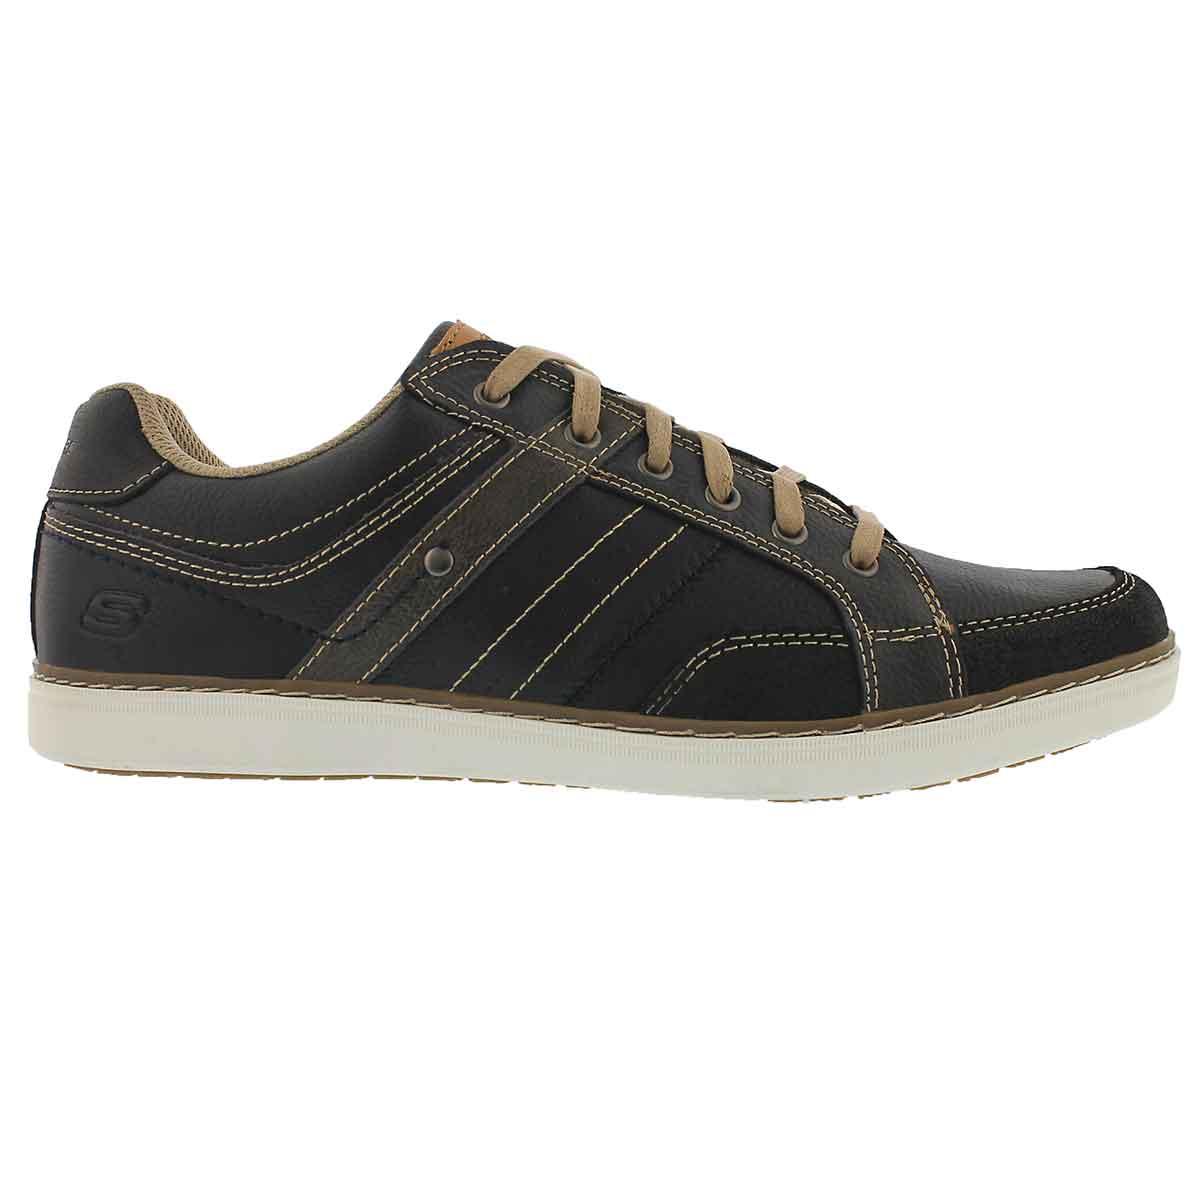 Mns Lanson Torben blk lace up sneaker